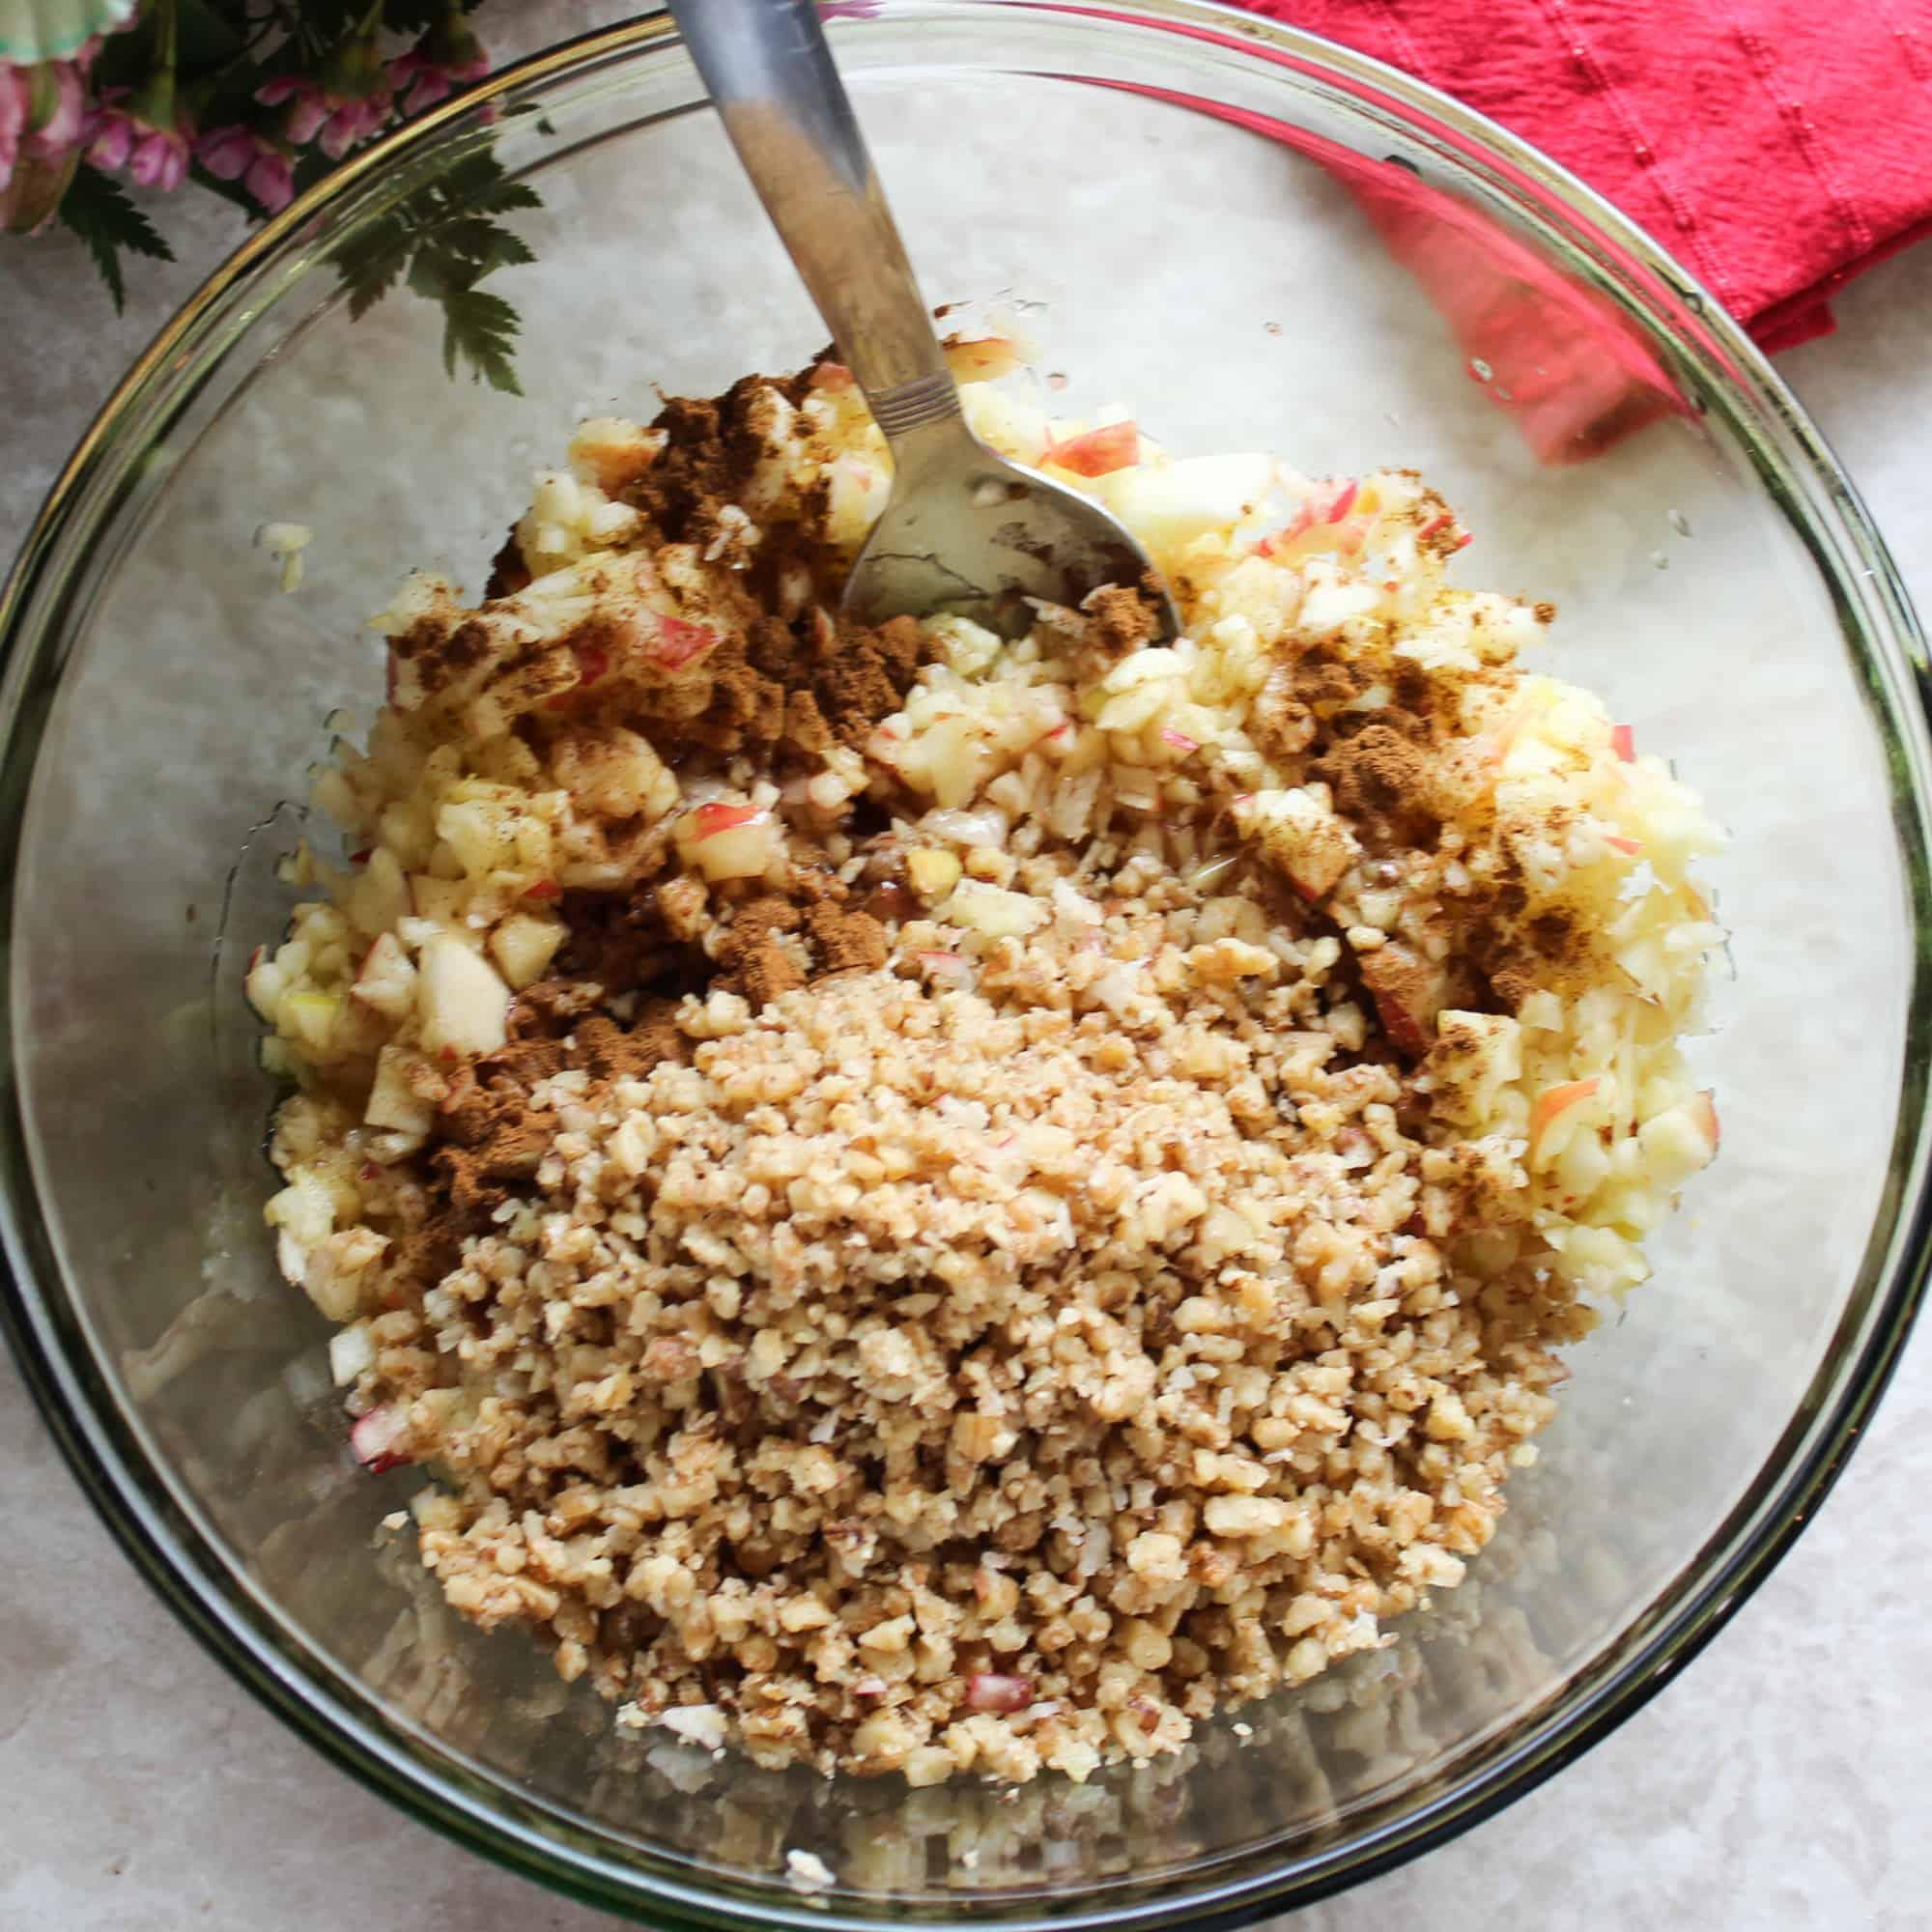 stir in walnuts